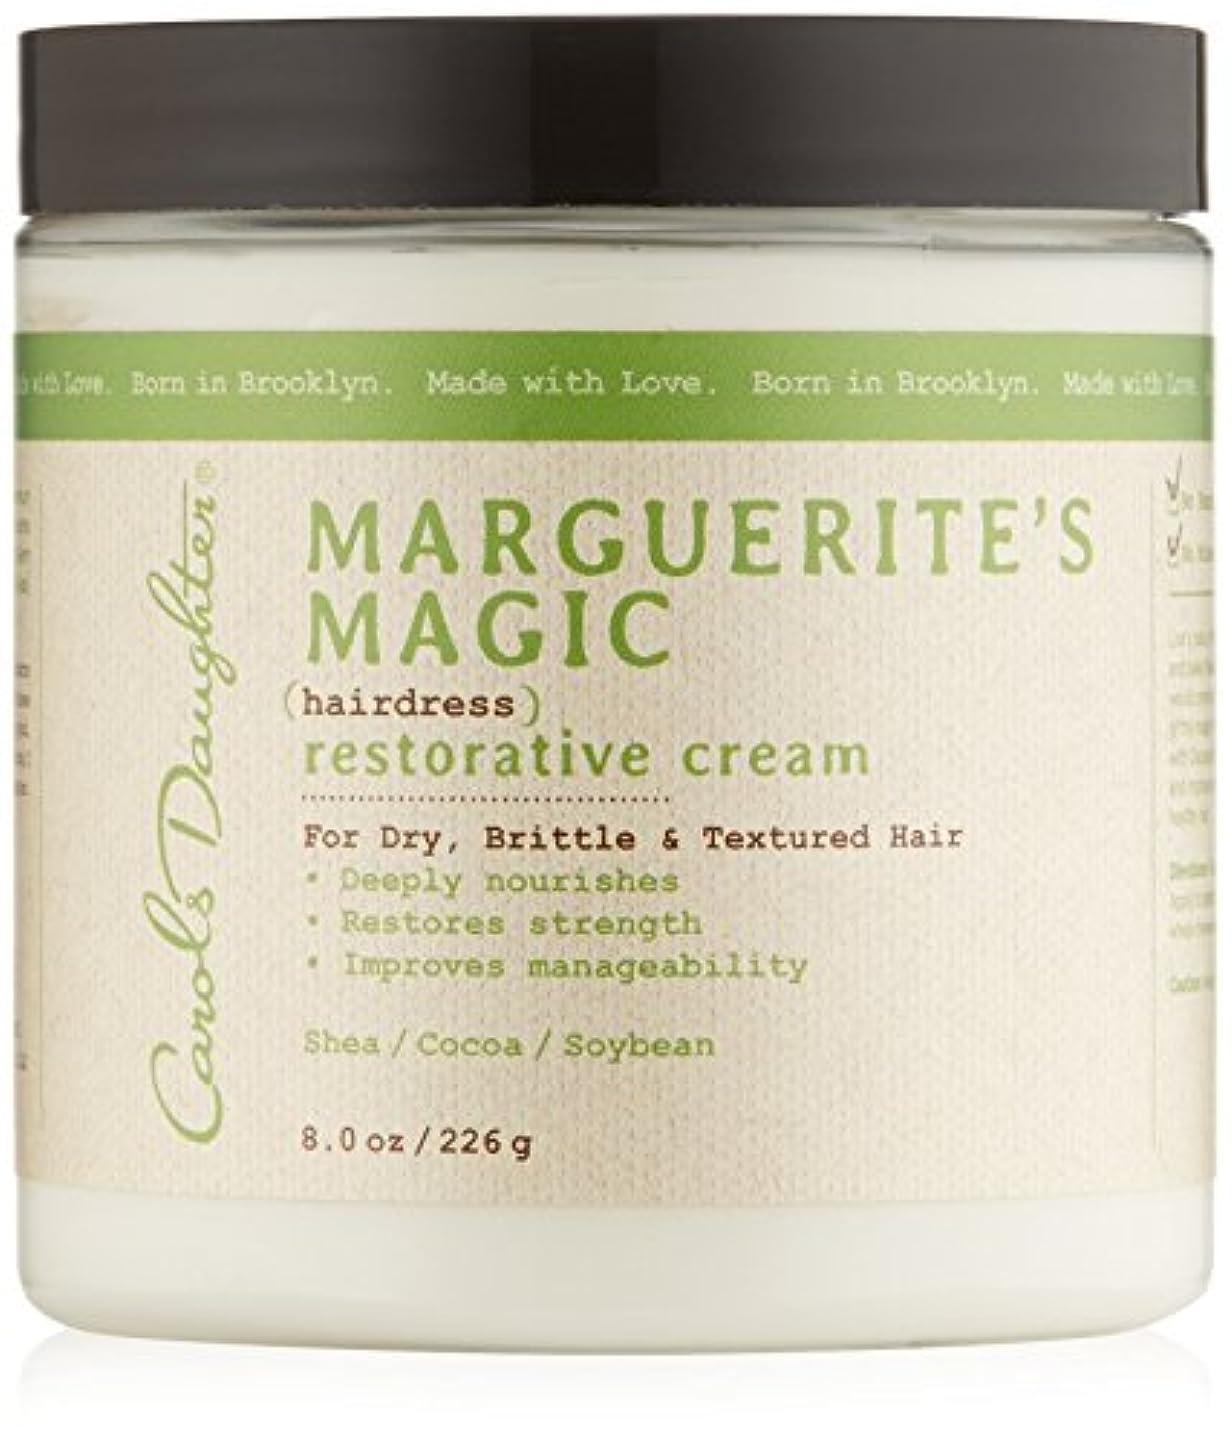 ピストン誰のロッドキャロルズドーター マルゲリーテス マジック ヘアドレス リストレーティブ クリーム (乾燥して切れやすい髪用) 226g/8oz